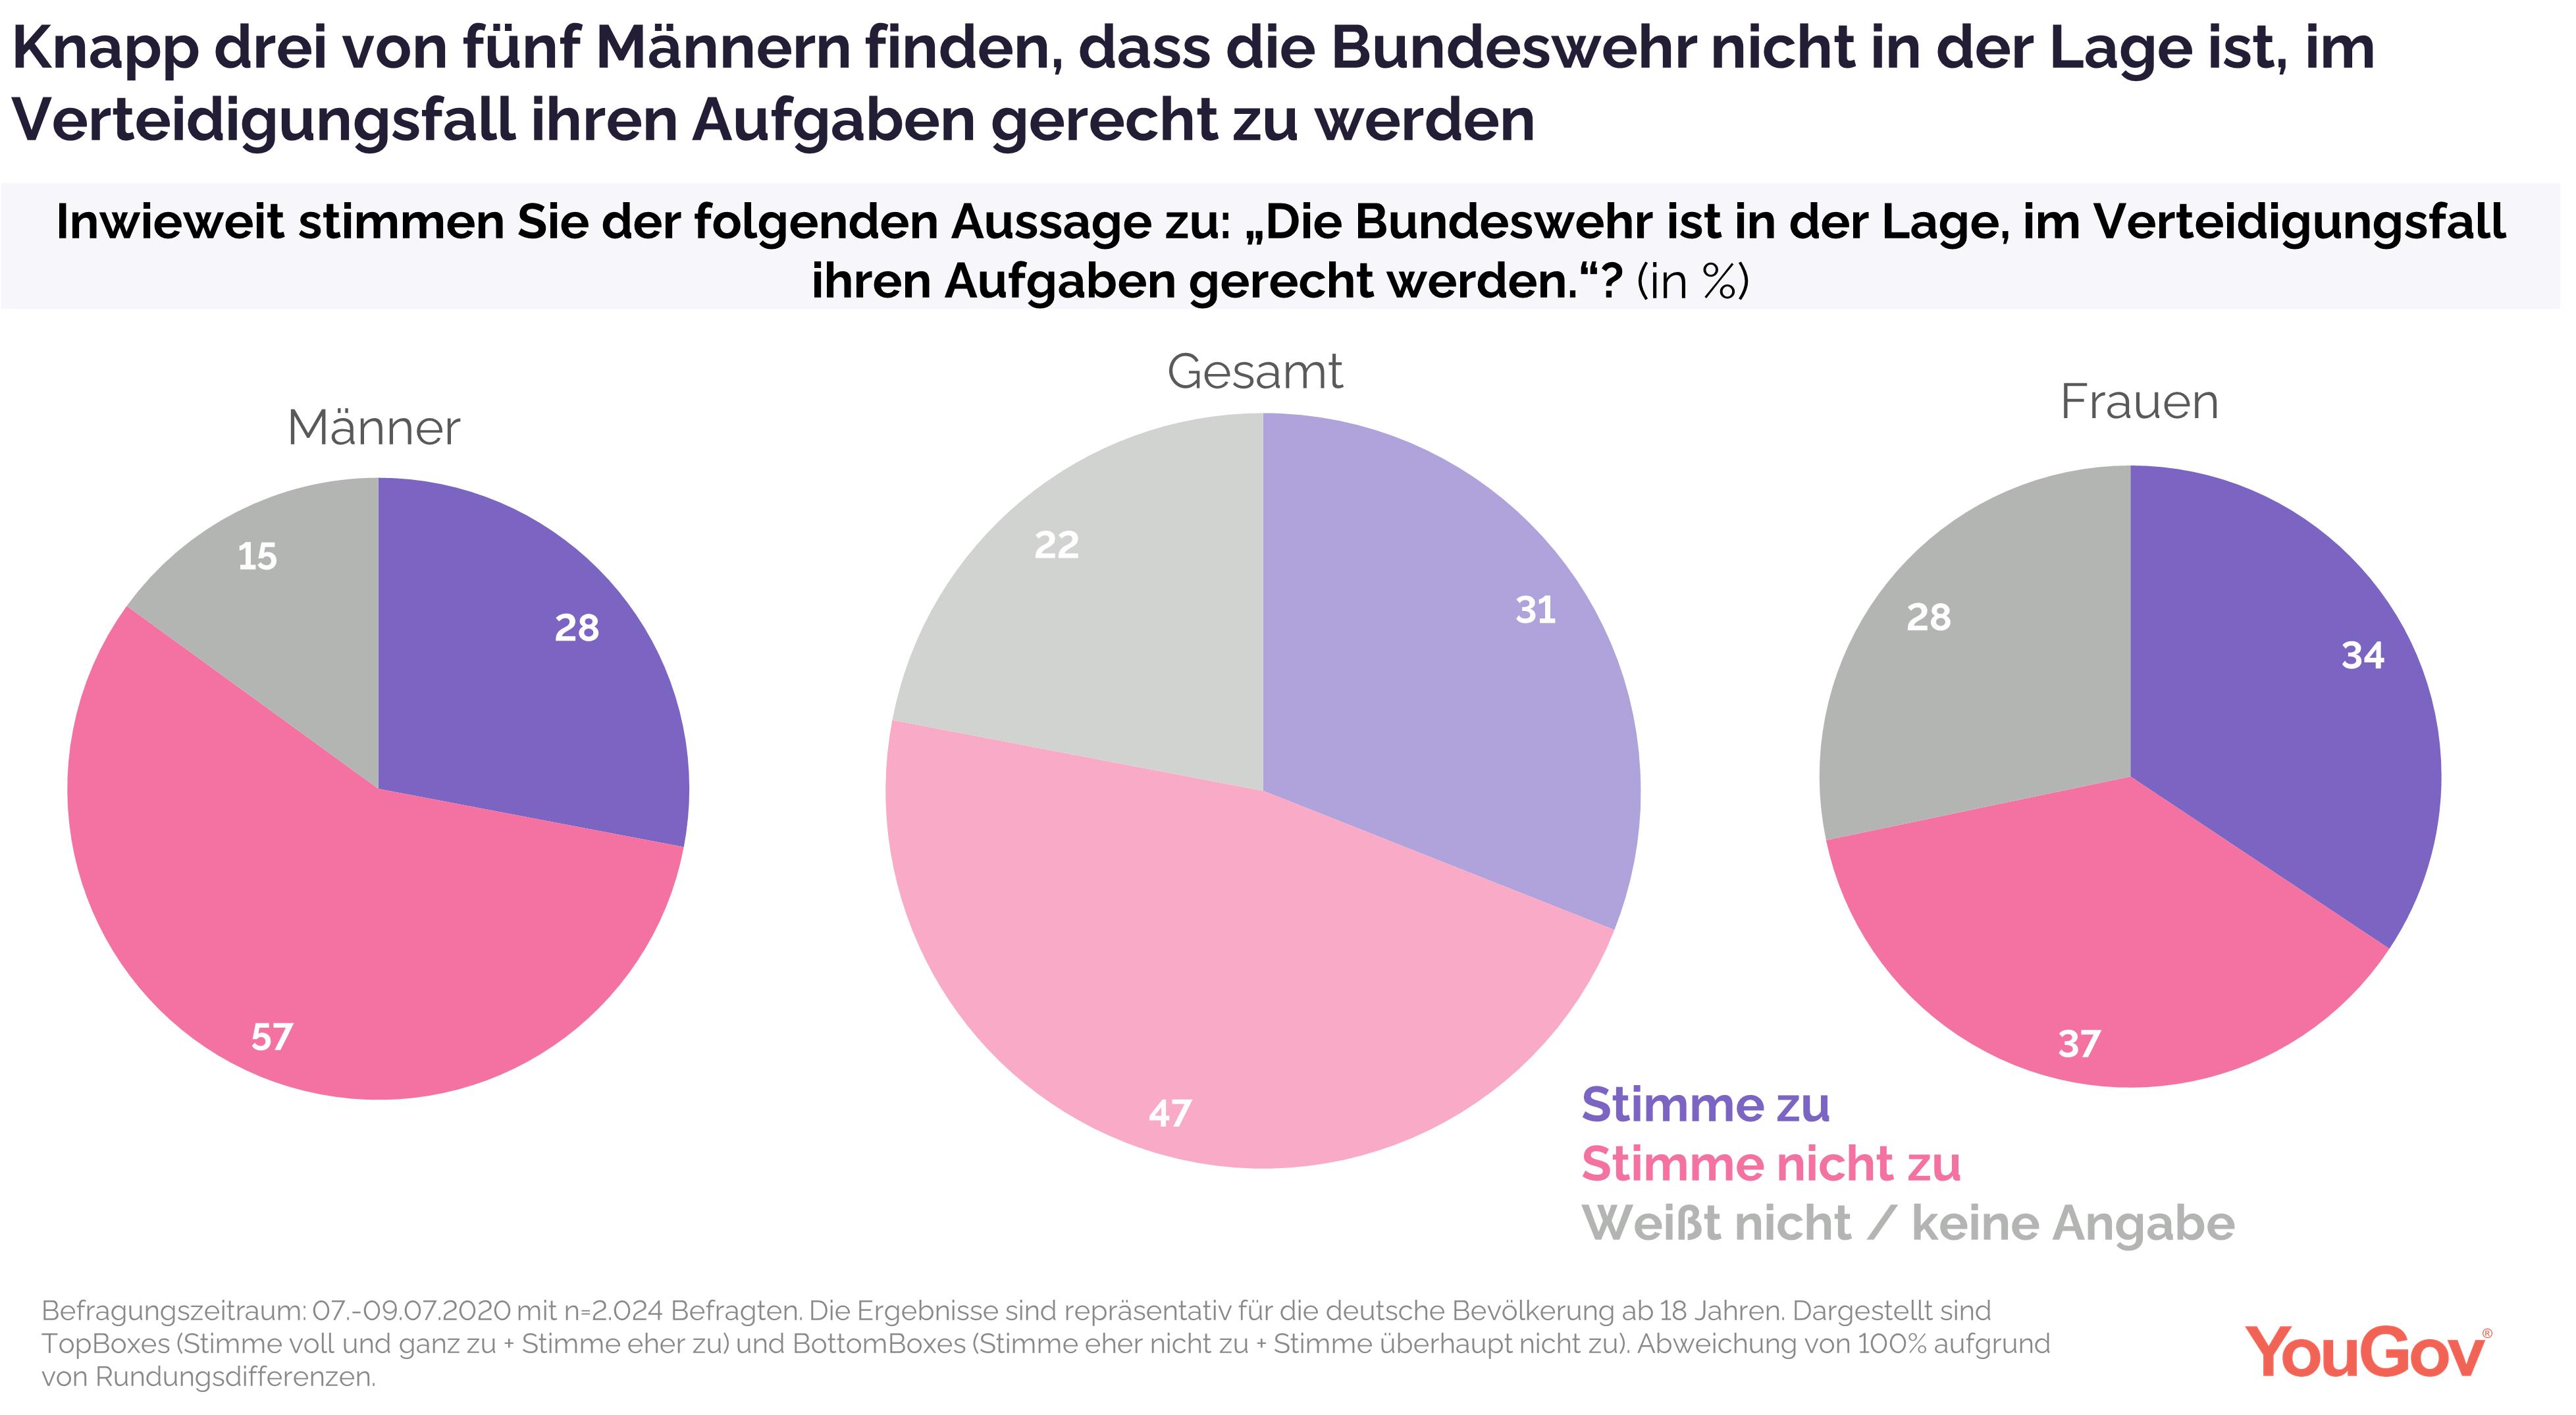 Bundeswehr im Verteidigungsfall